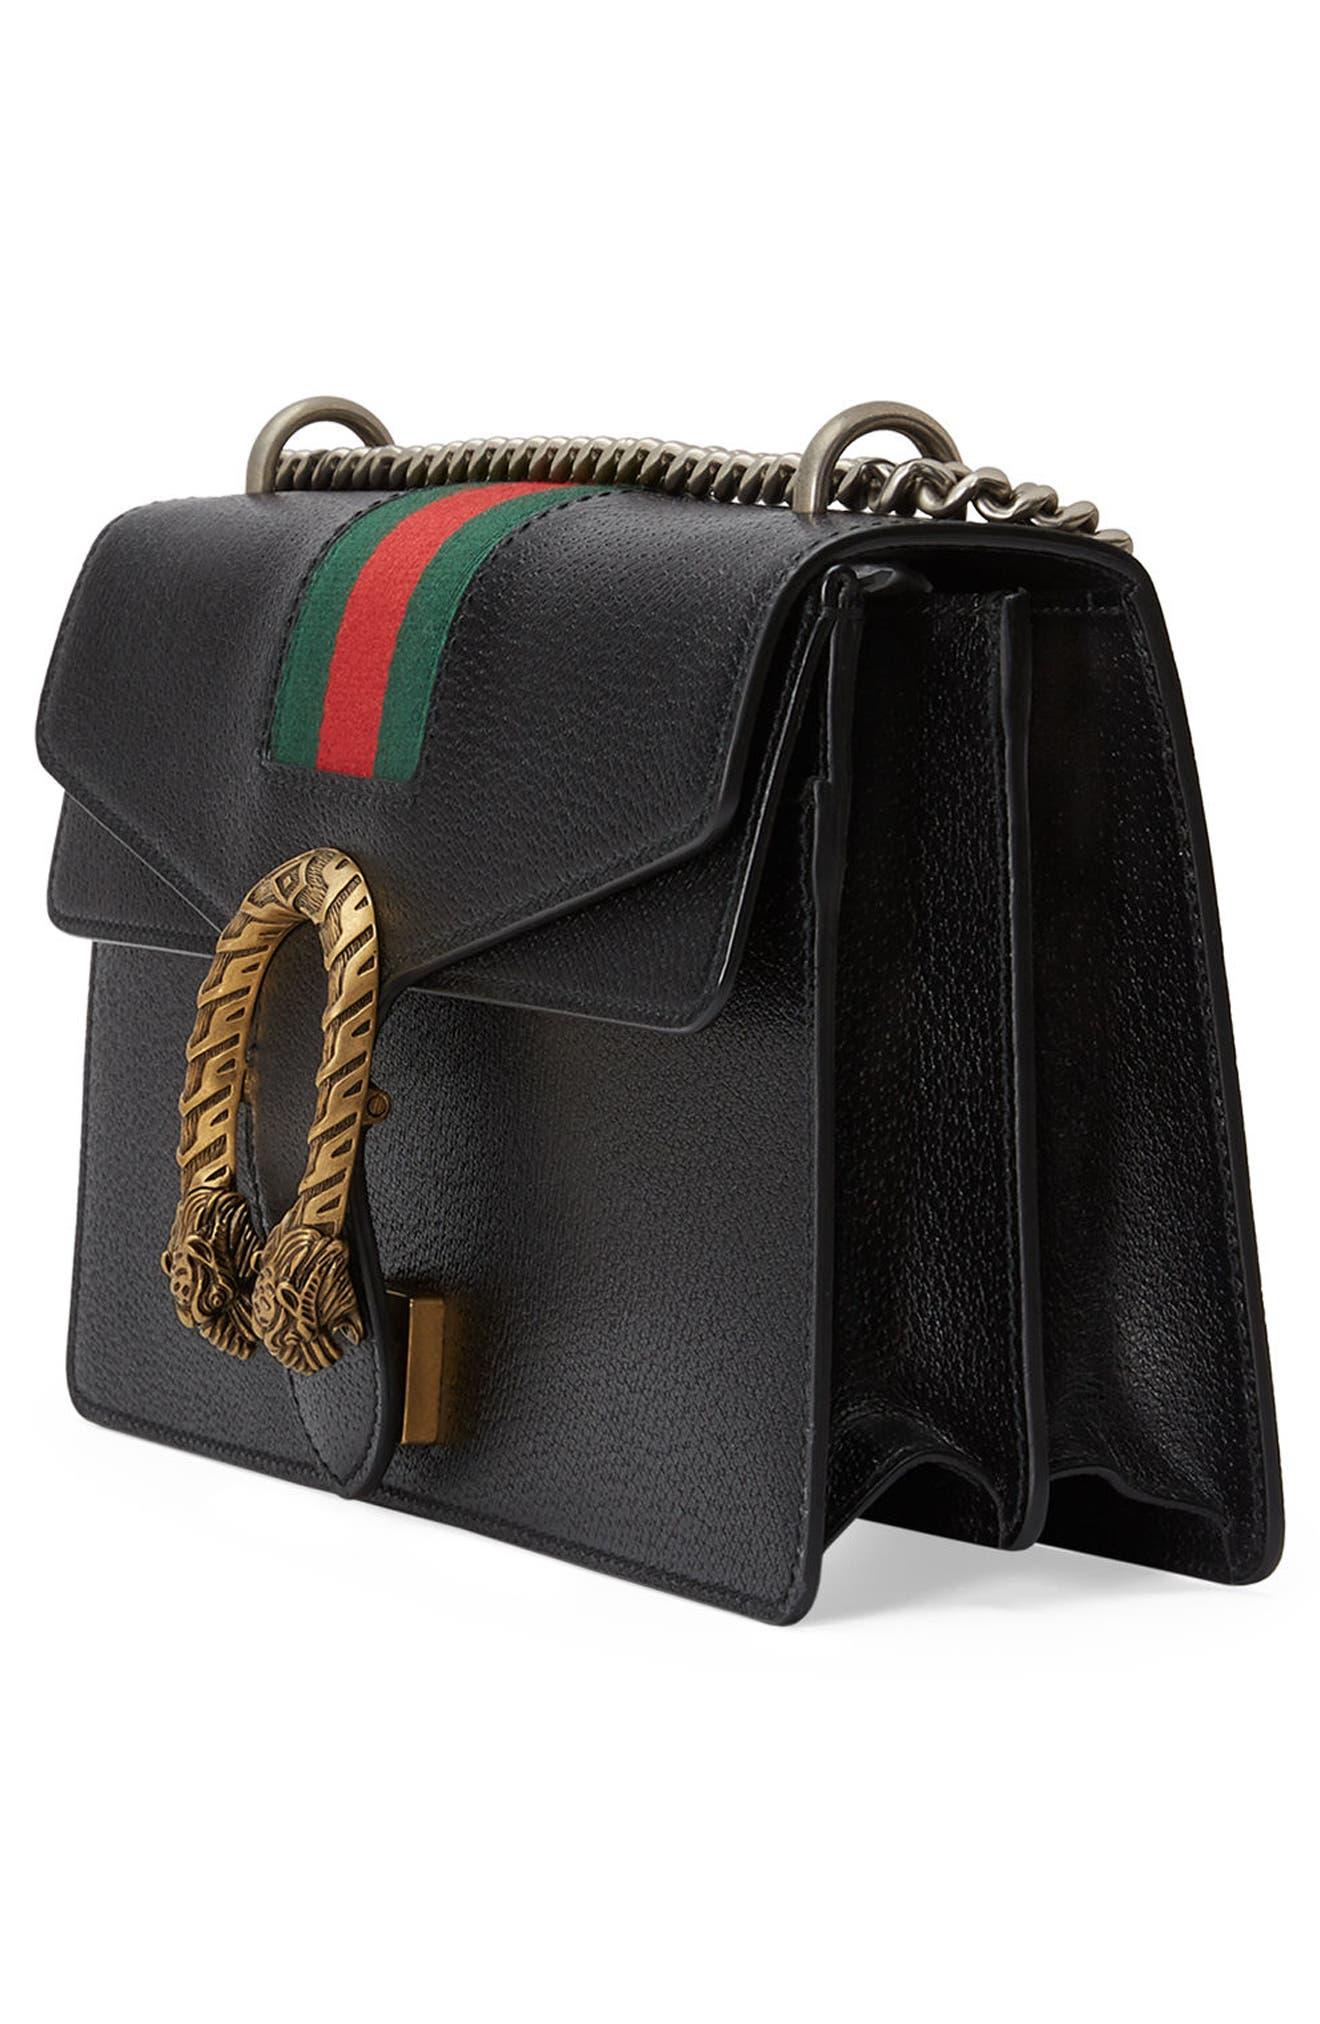 Dionysus Leather Shoulder Bag,                             Alternate thumbnail 7, color,                             625